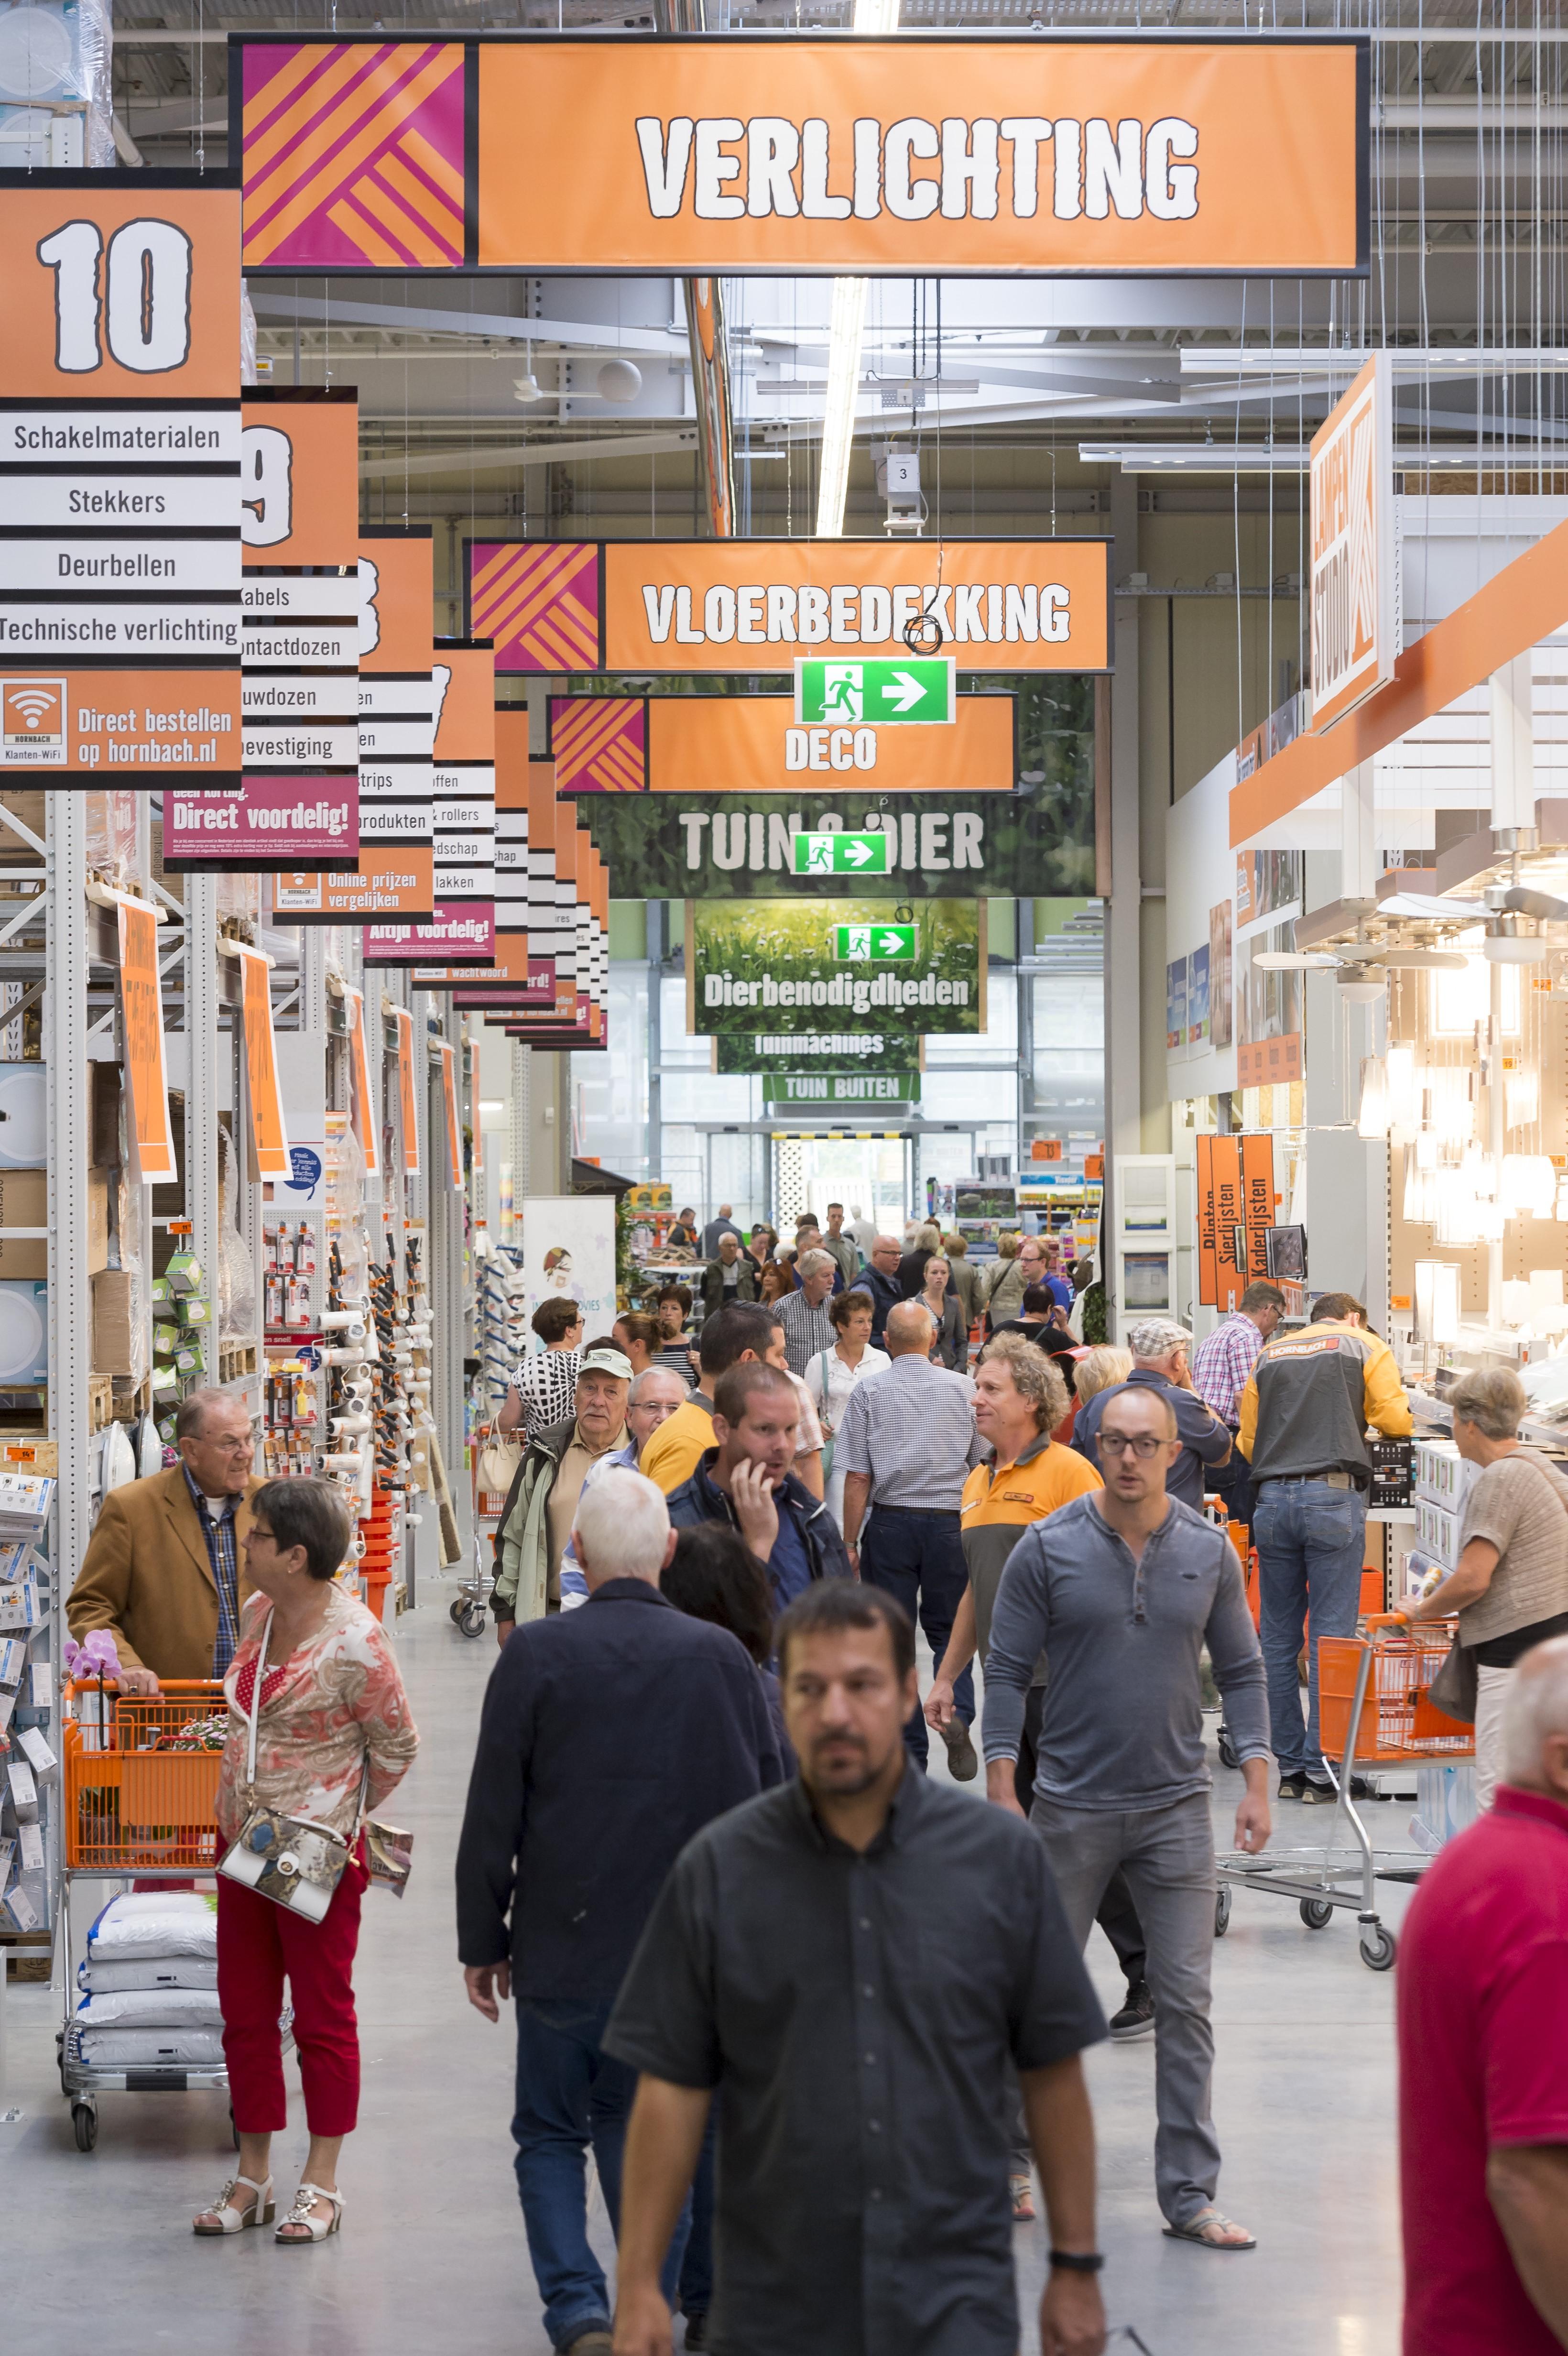 Hornbach Geleen geopend - Hornbach Newsroom